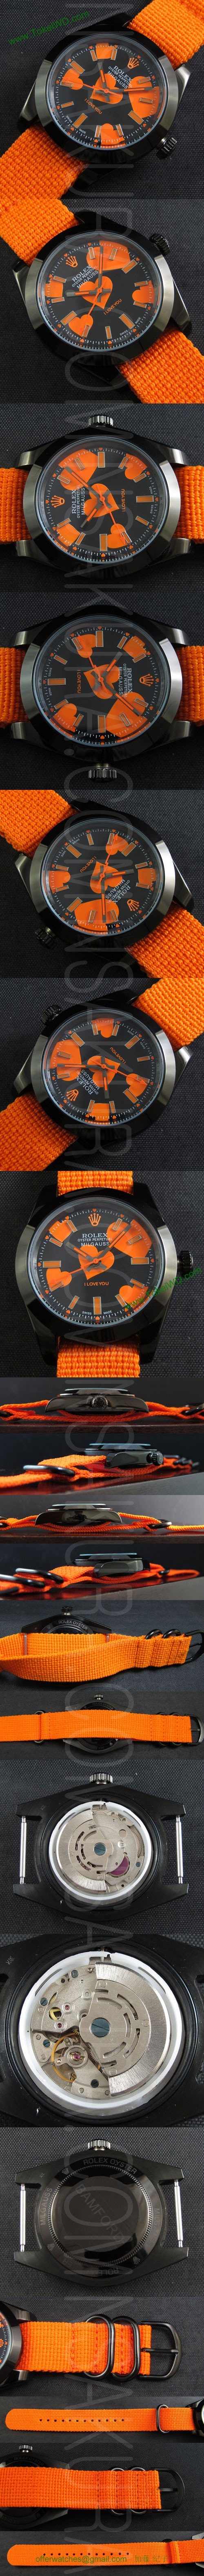 ロレックス 2015JOFSE48GJ コピー 時計